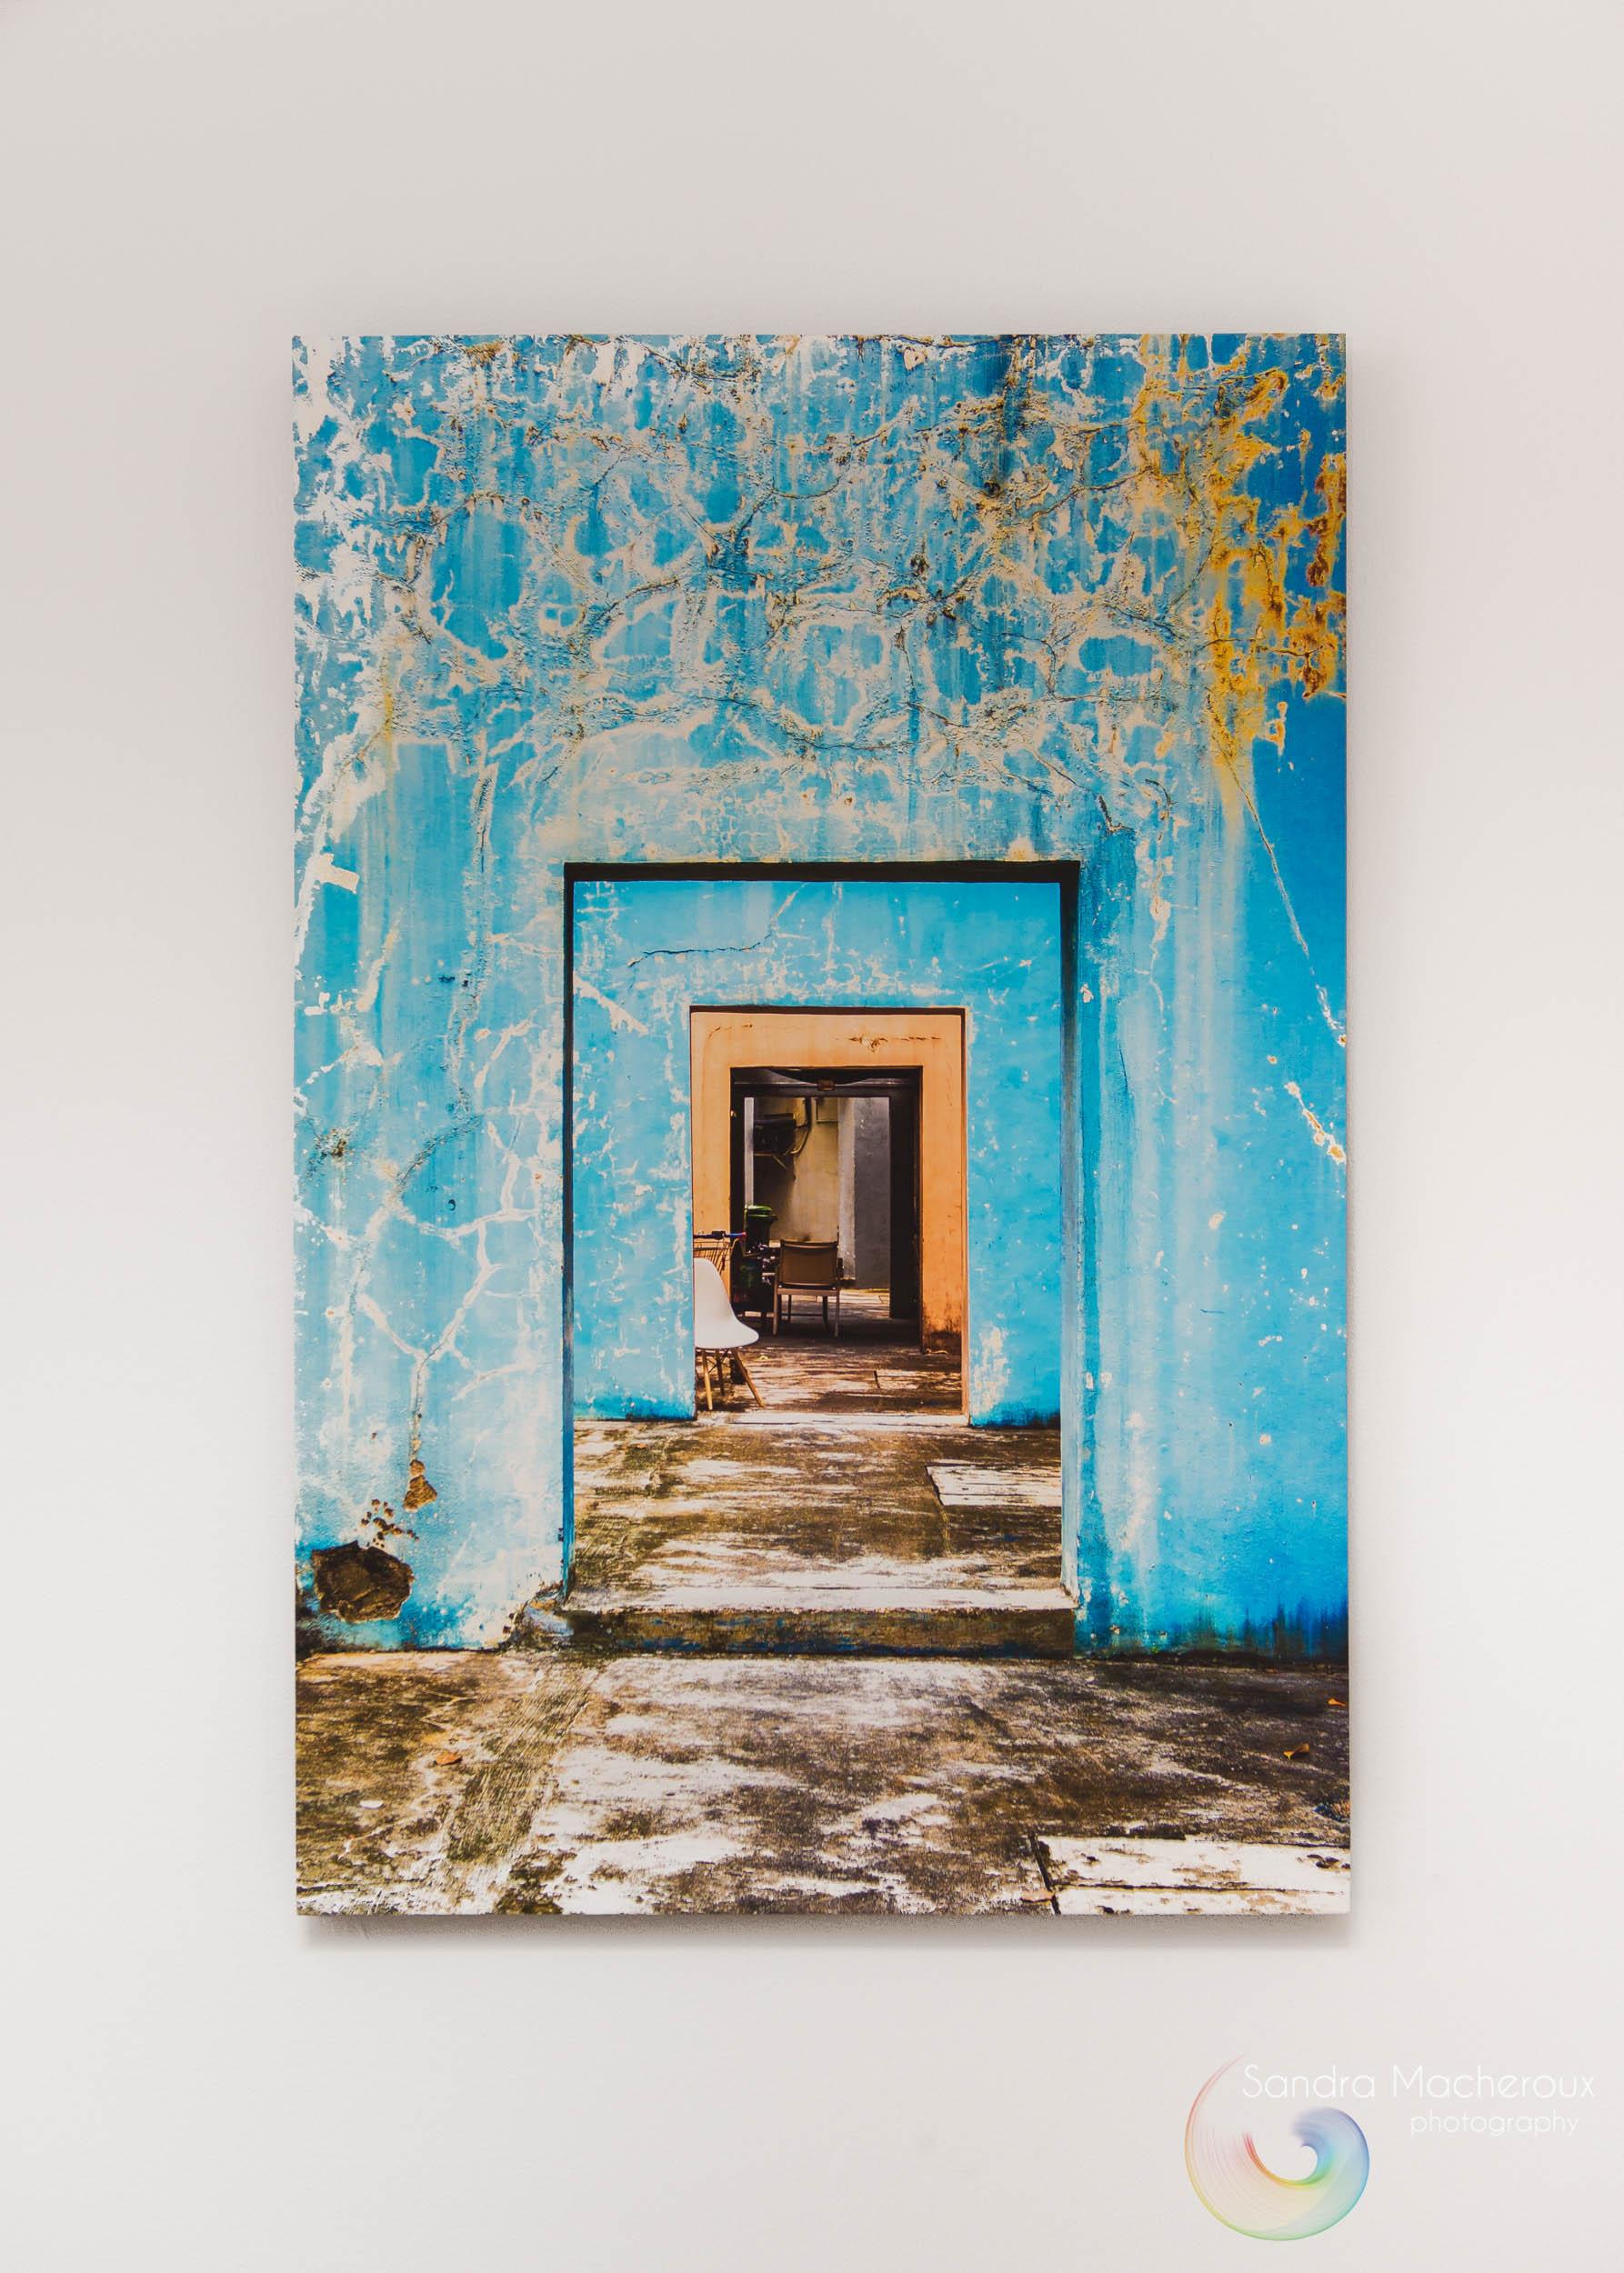 Creative-Sparq-HiddenArchways-SandraMacheroux